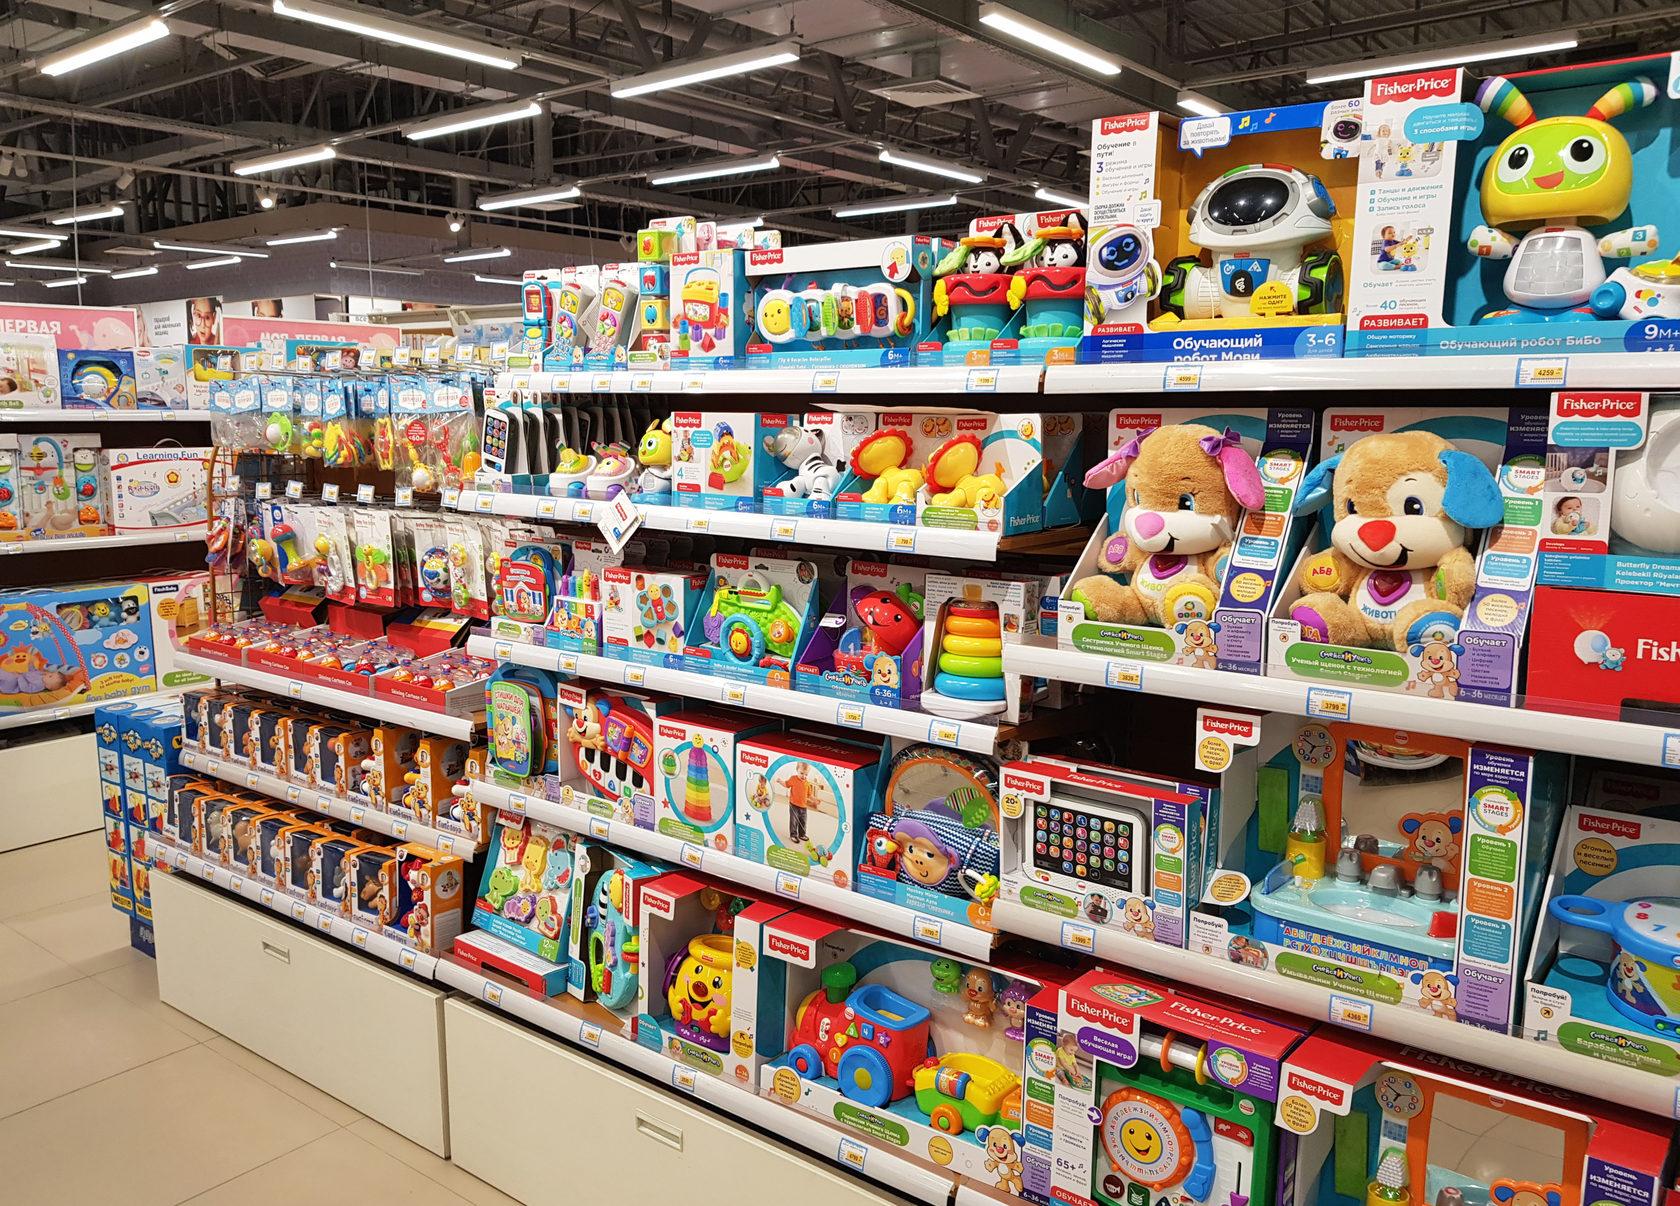 Картинки игрушек то что рядом